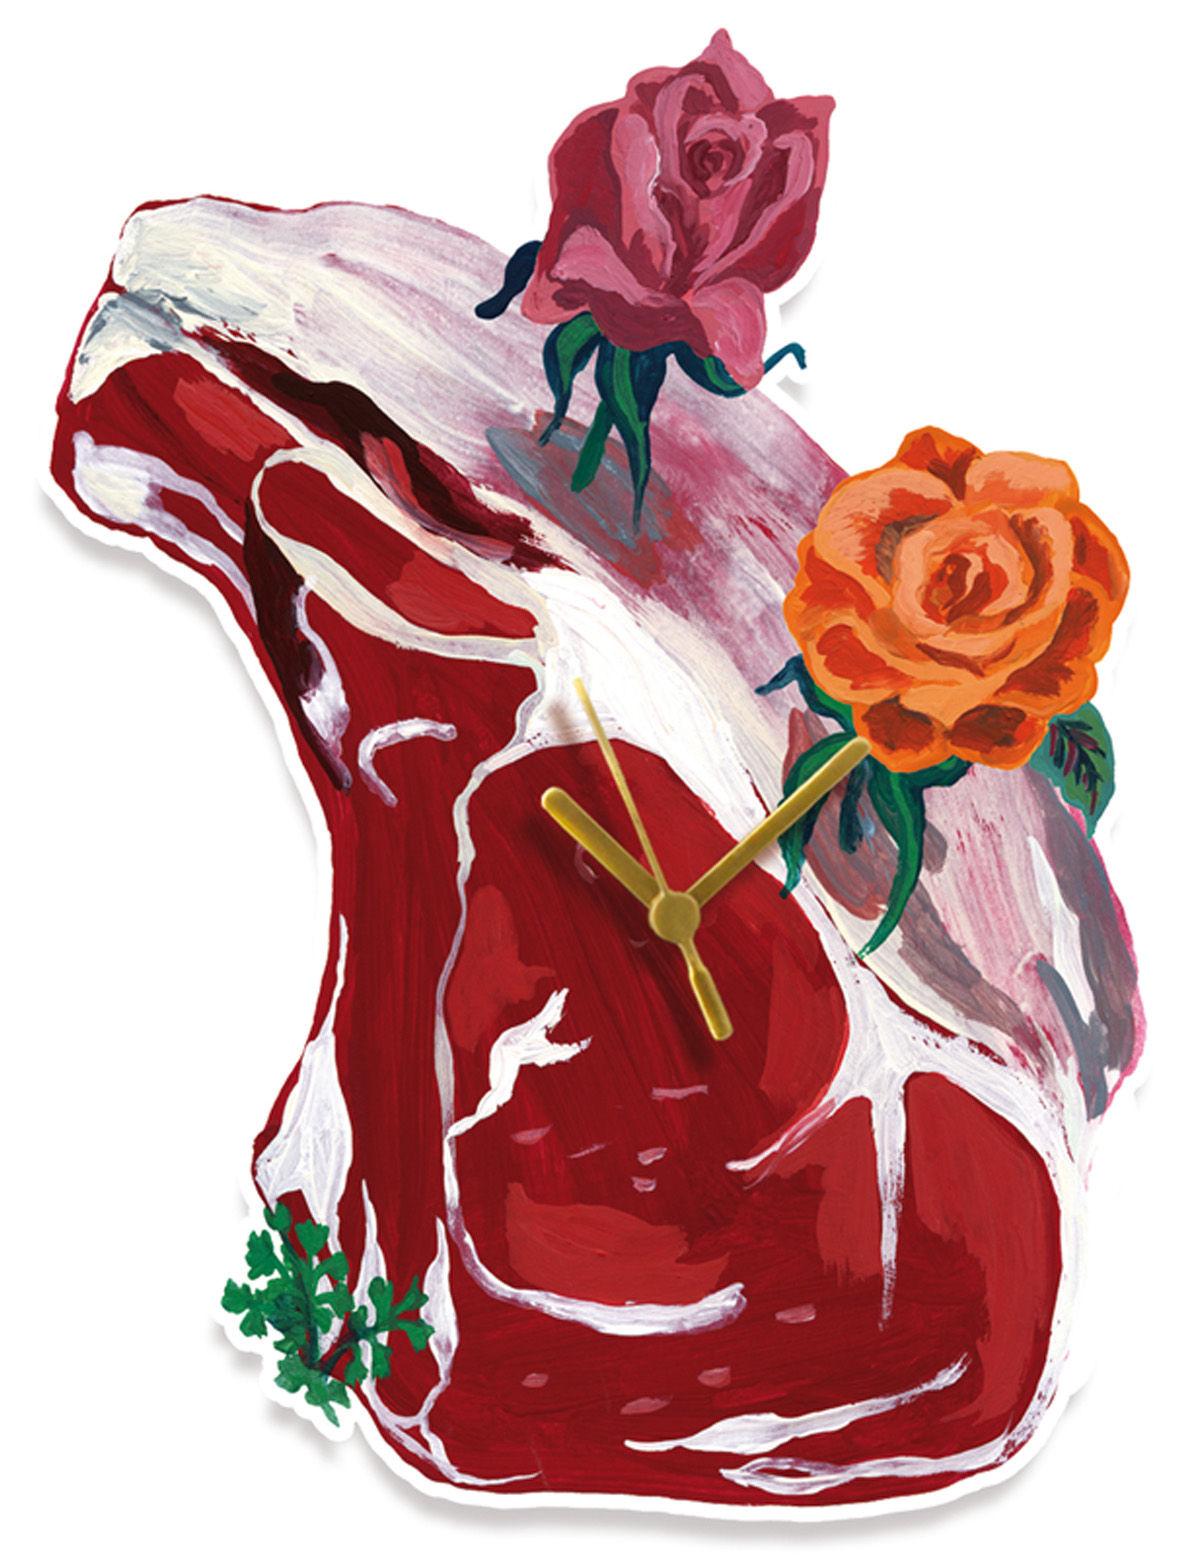 Dekoration - Spaßig und ausgefallen - Pièce de boucher Wanduhr - Domestic -